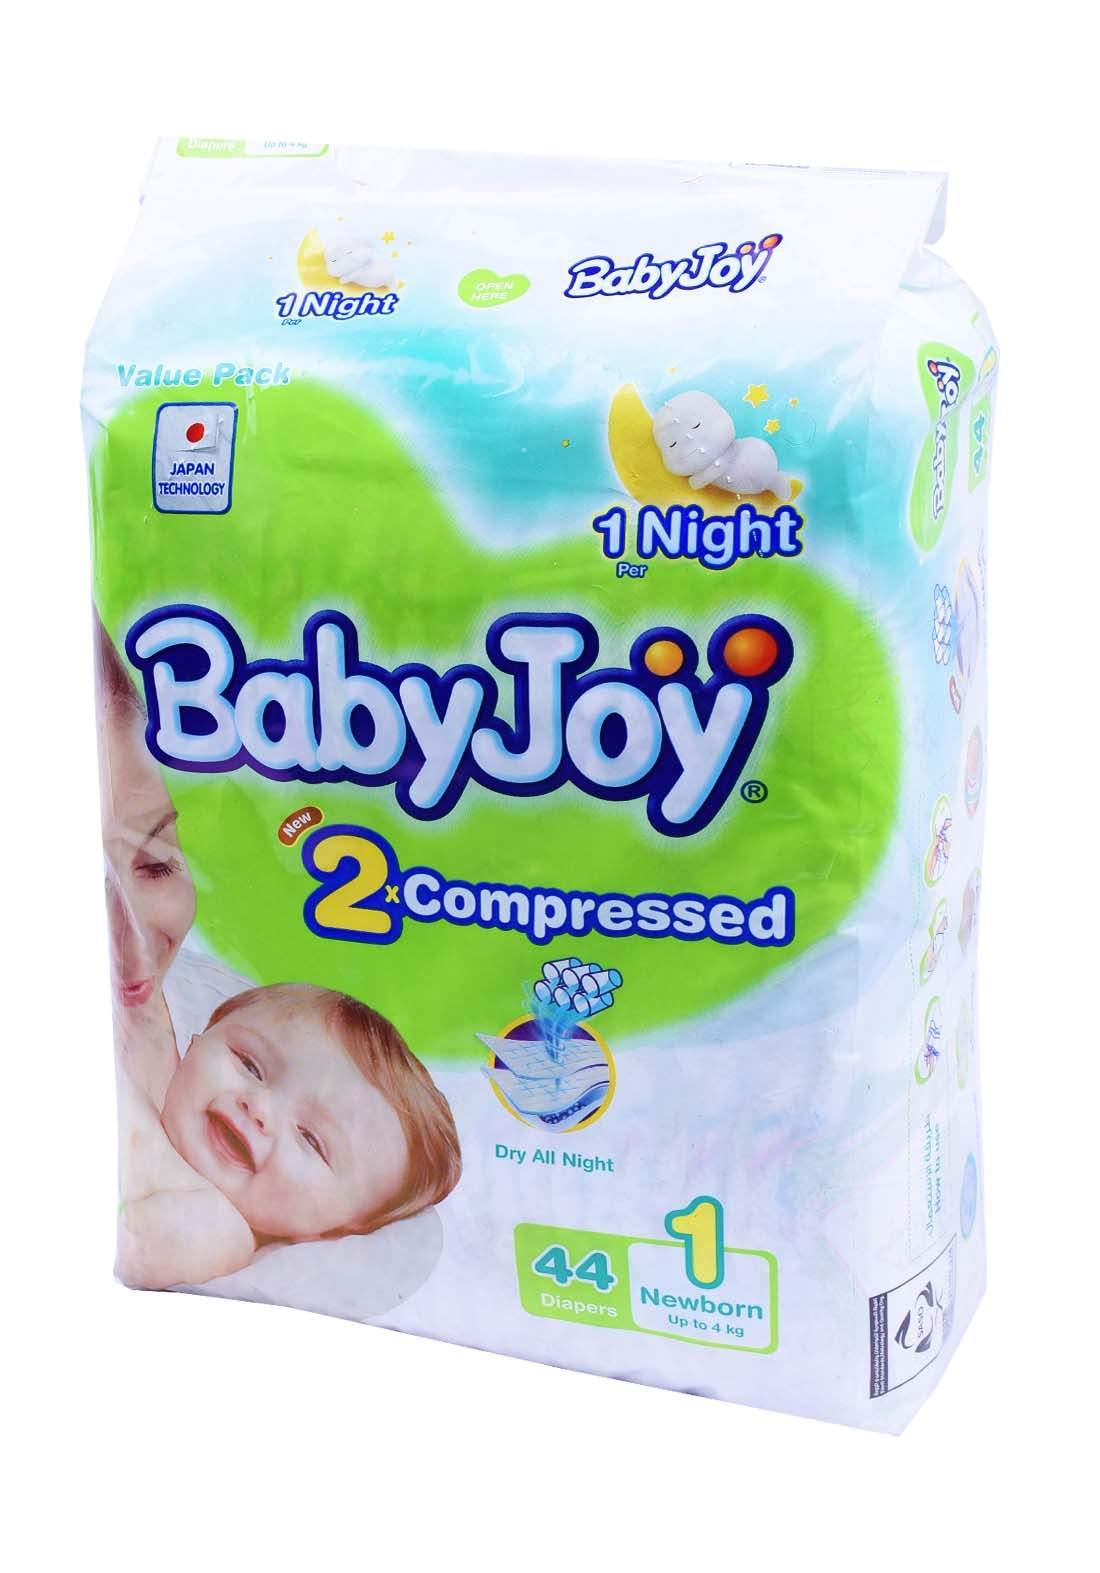 BabyJoy 0-4 Kg 44 Pcs حفاضات بيبي جوي للاطفال عادي رقم 2